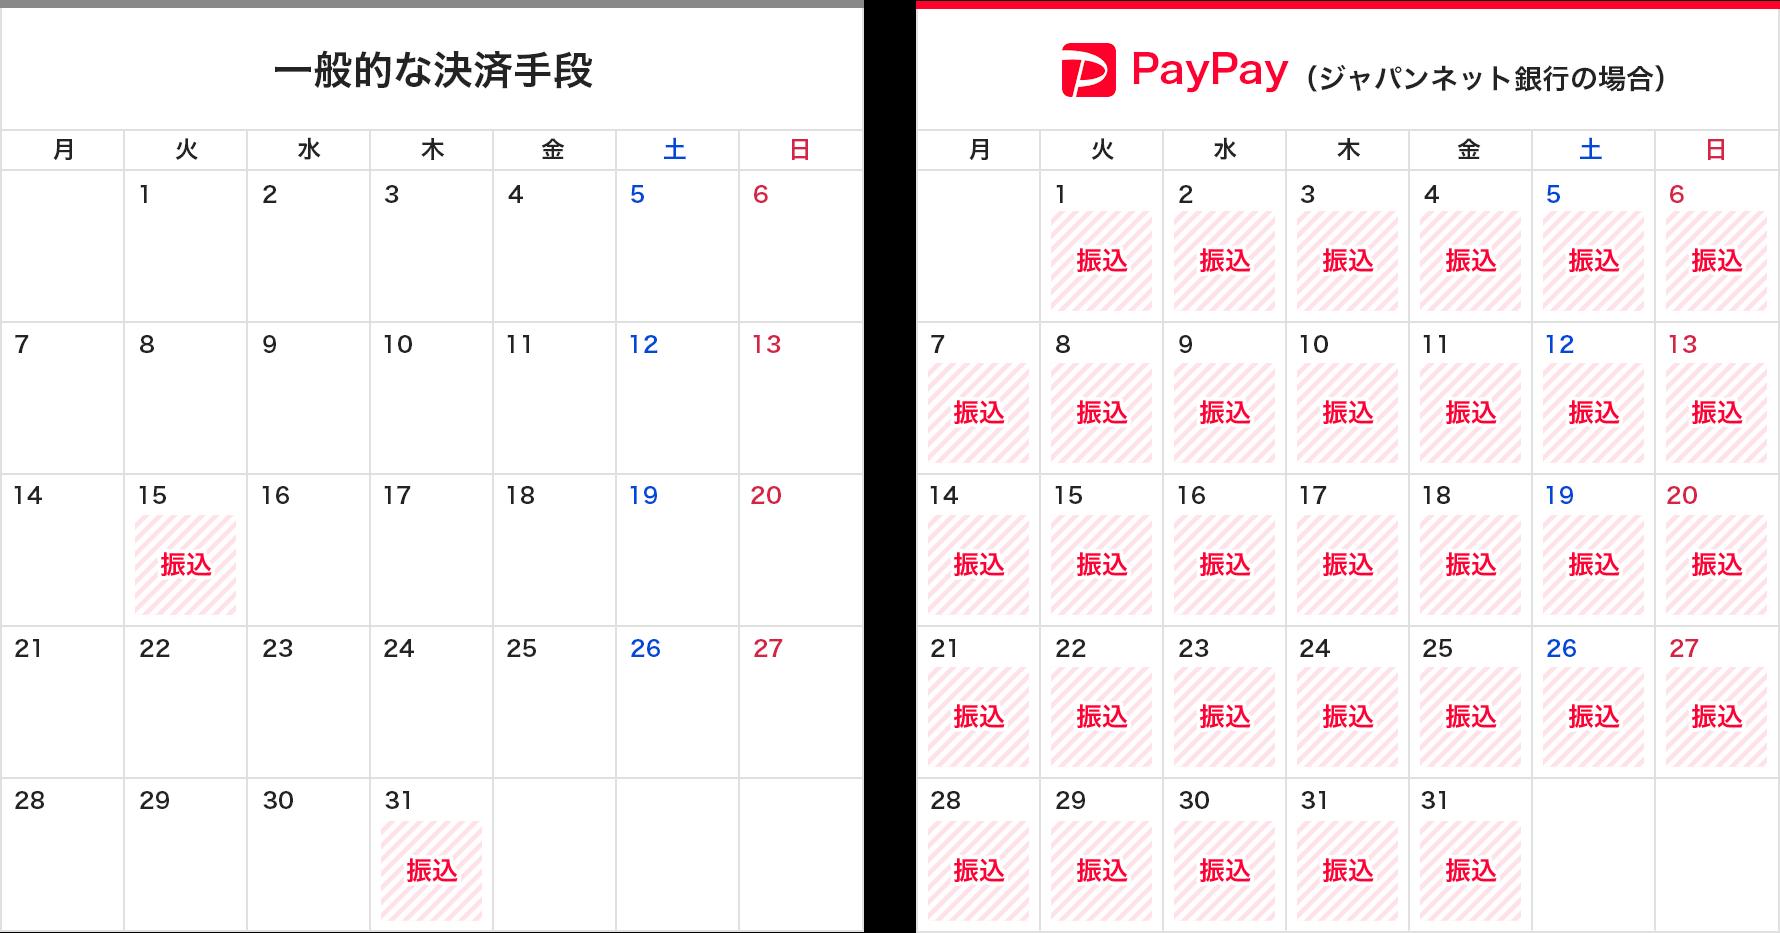 一般的な決済手段とPayPay(ジャパンネット銀行の場合)の比較表